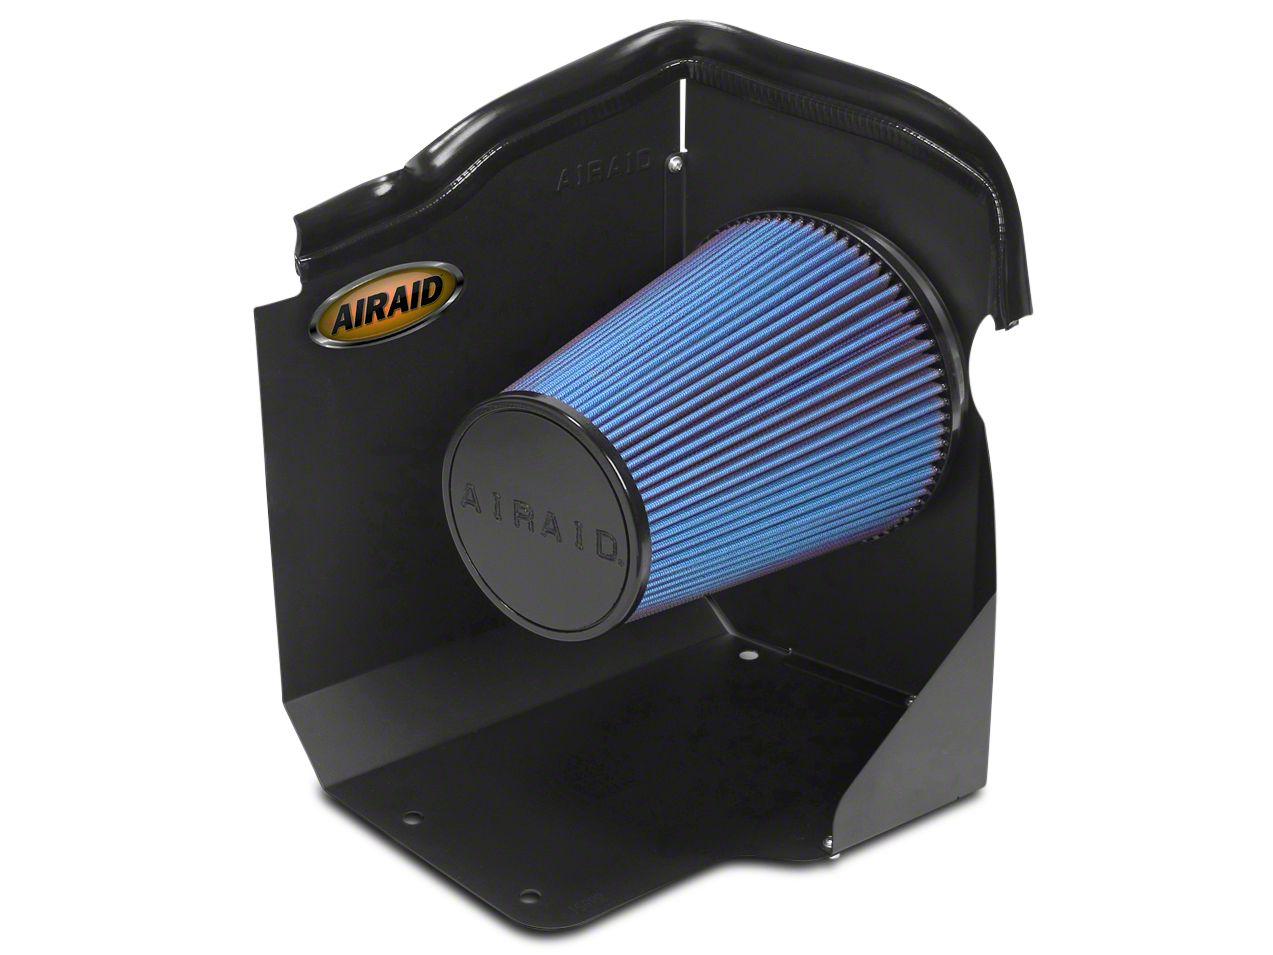 Airaid QuickFit Air Dam w/ Blue SynthaMax Dry Filter (07-08 4.8L Sierra 1500)